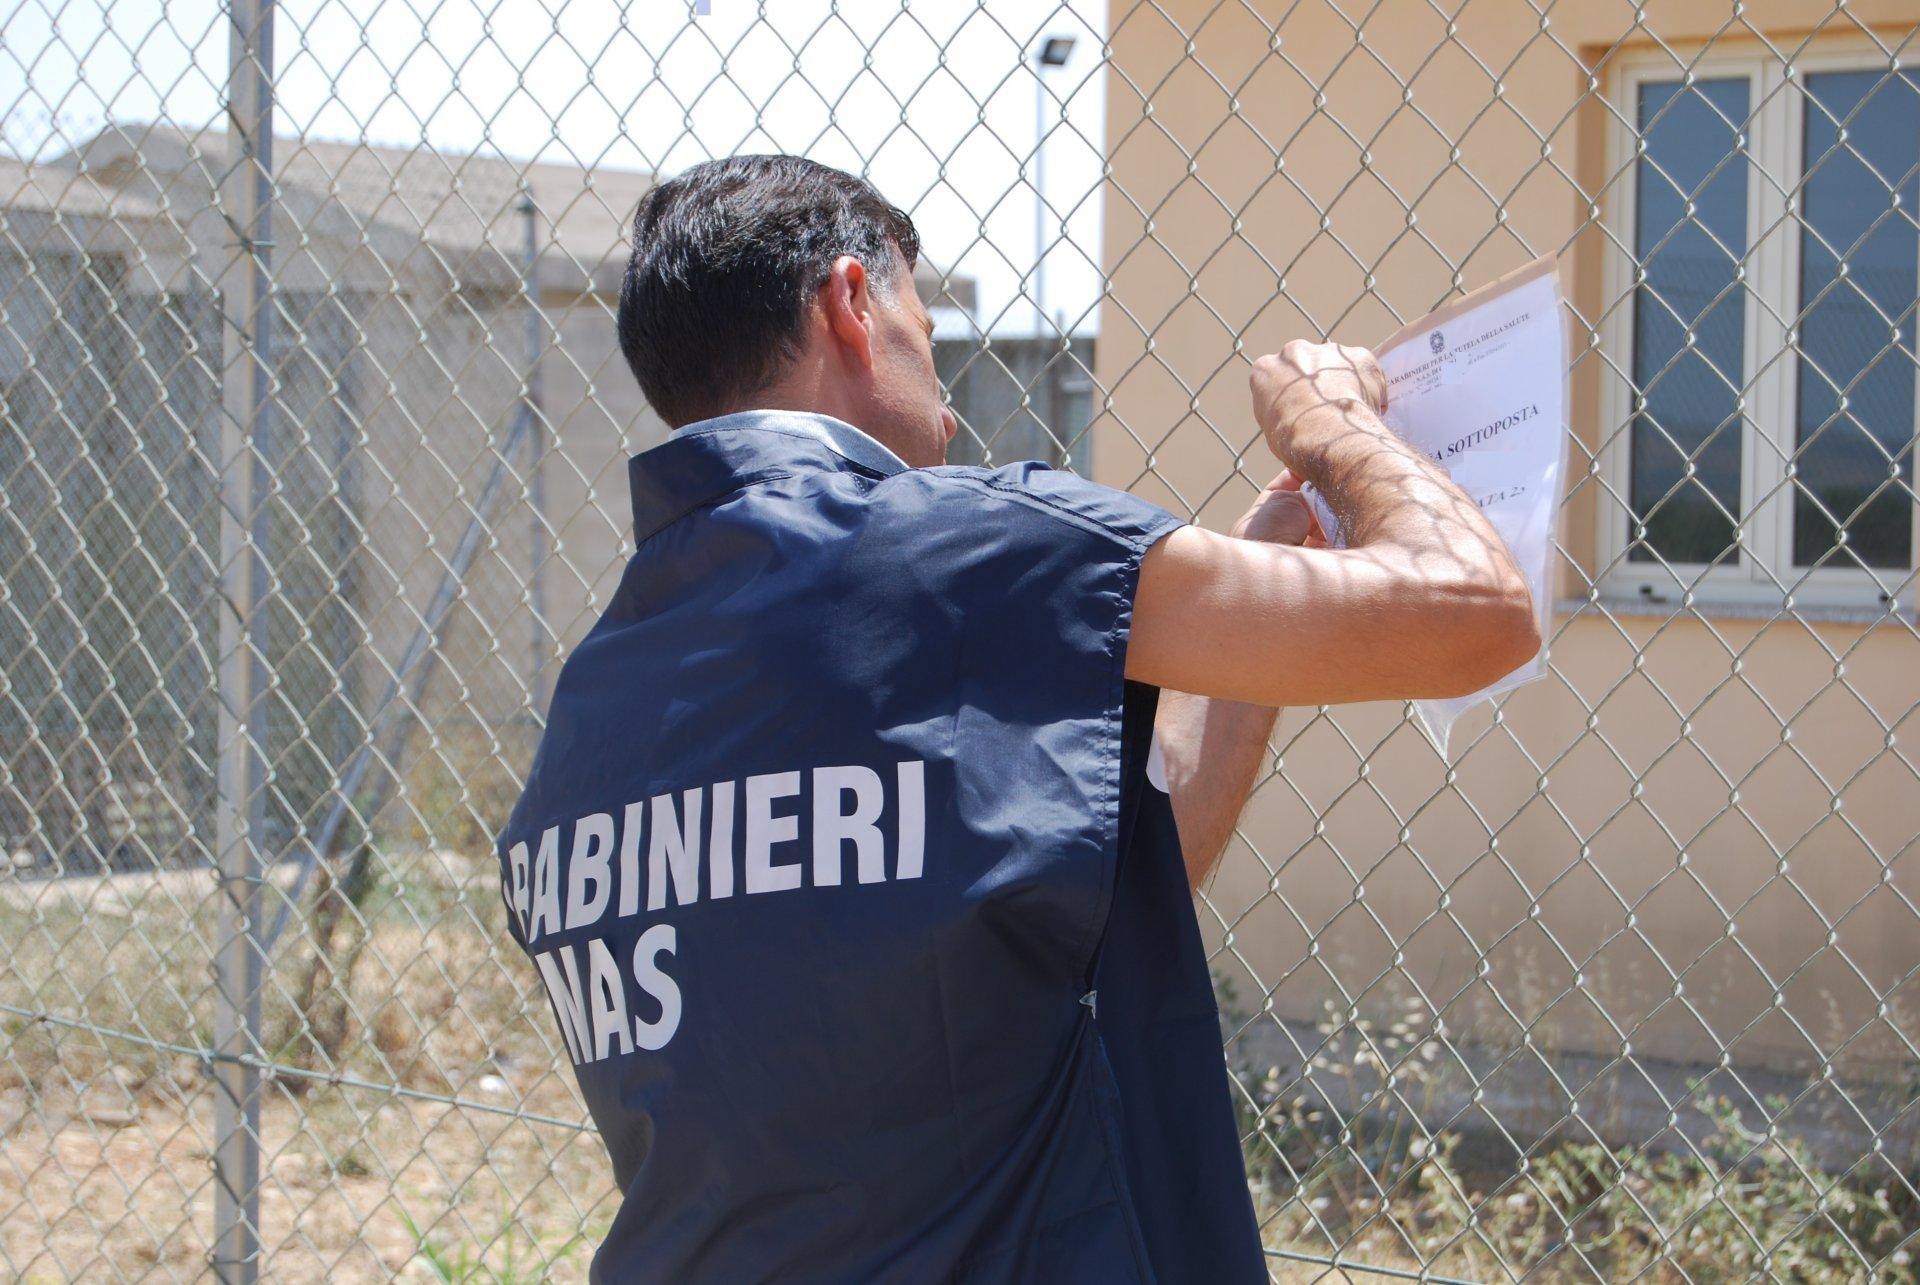 Controlli Nas: chiude per 15 giorni una pasticceria di Sesto Fiorentino - Firenze Settegiorni